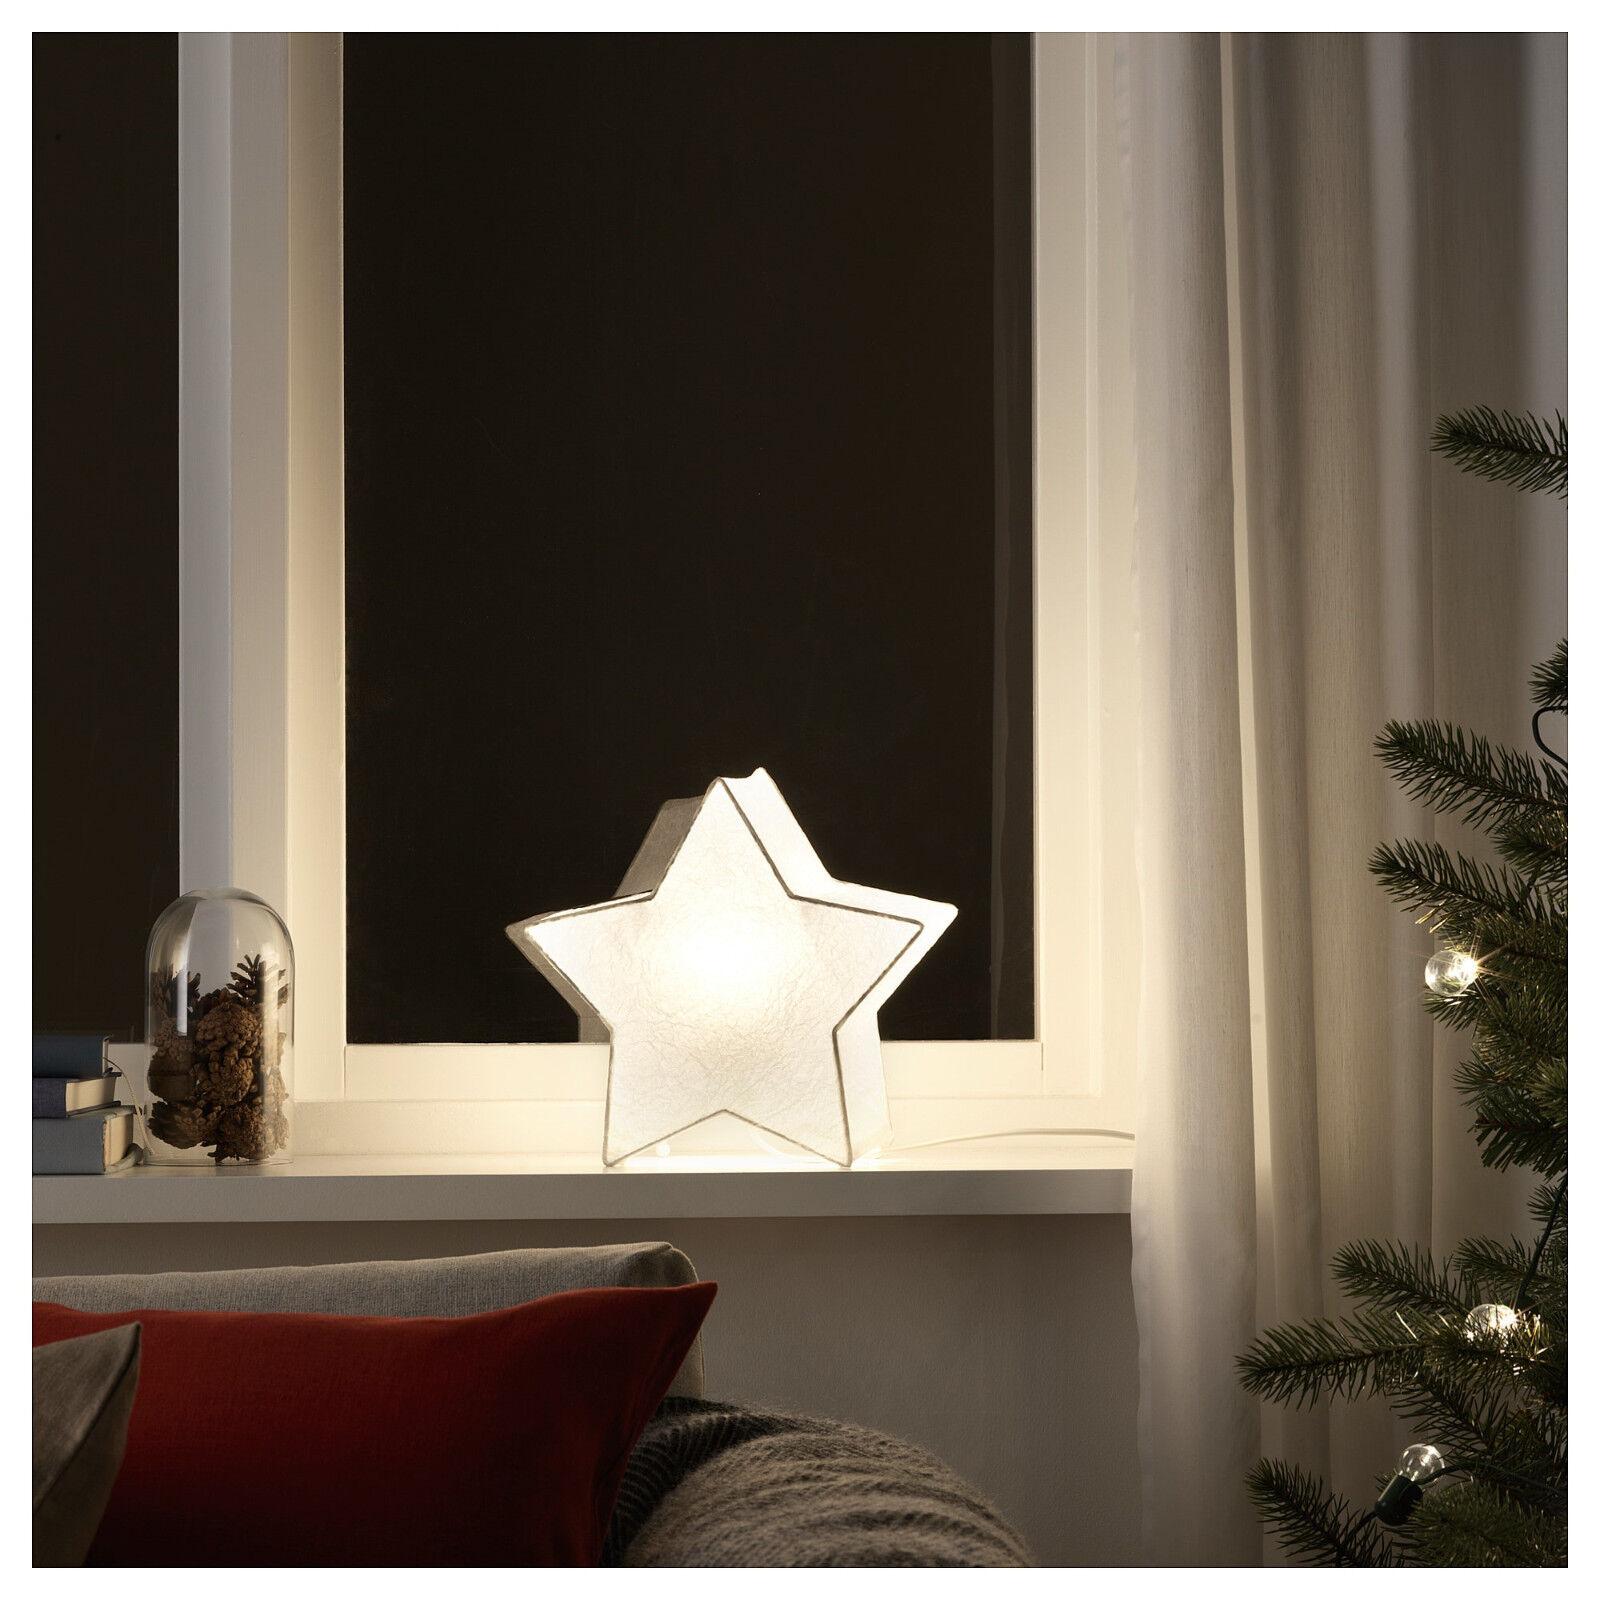 Lampe Aus Papier Test Vergleich Lampe Aus Papier Kaufen Sparen